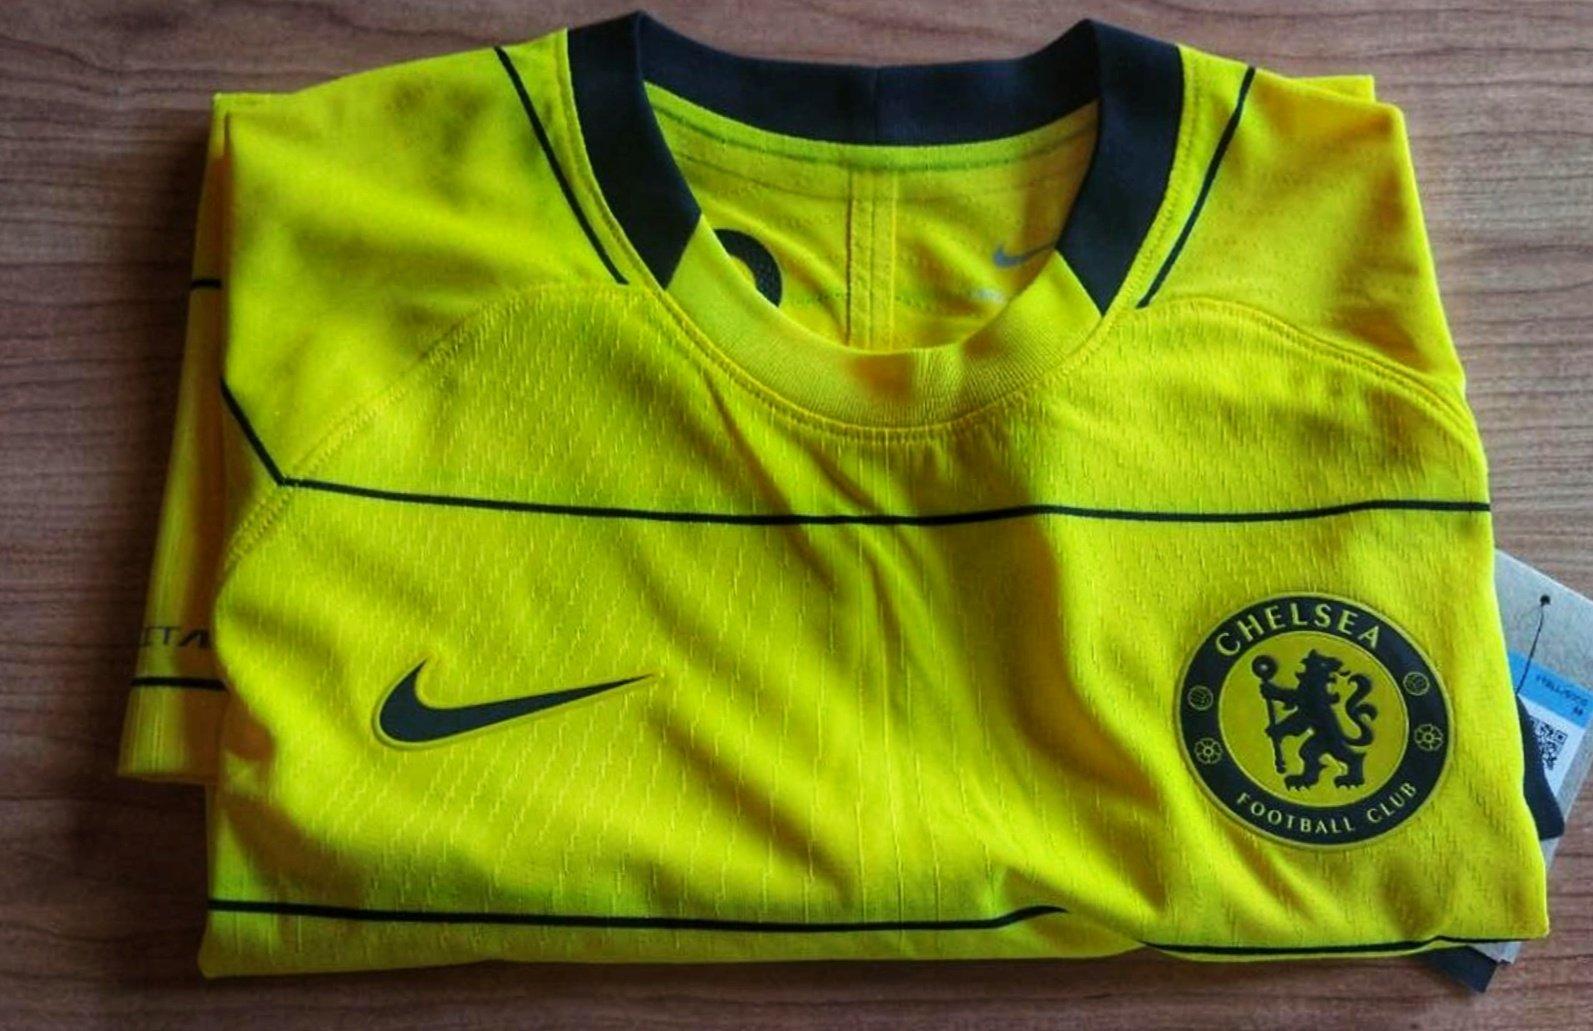 Chelsea 2022 nouveau maillot exterieur foot fuite